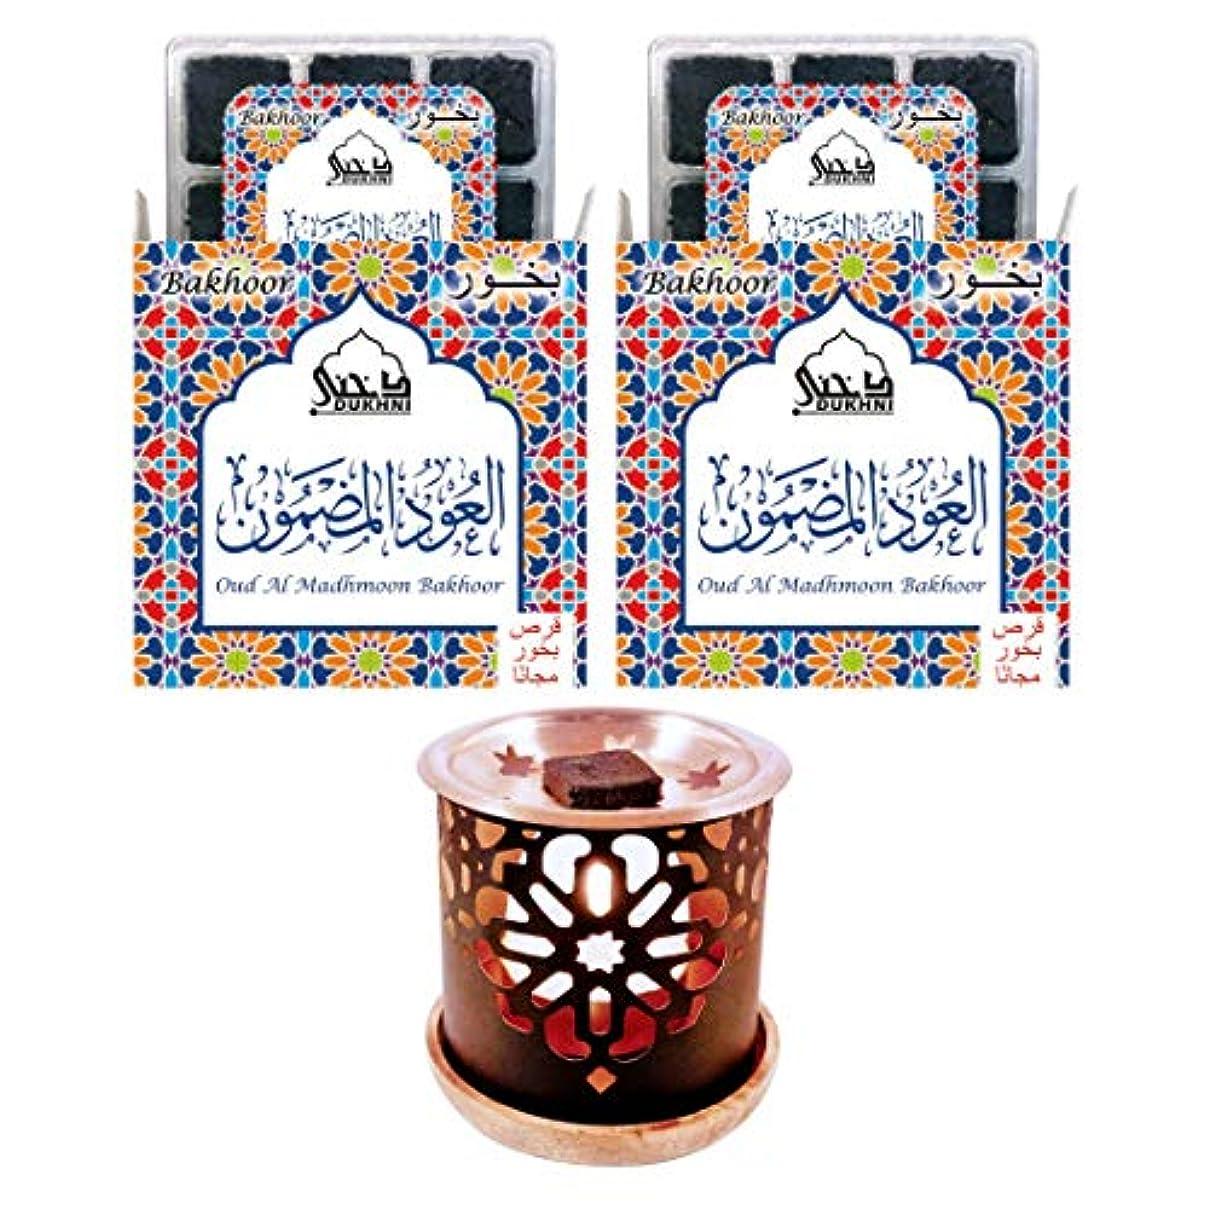 視聴者雄弁なスリットDukhni DUK-Oud Al Madhmoon Bakhoor (M) + Persian Exotic Bakhoor Burner